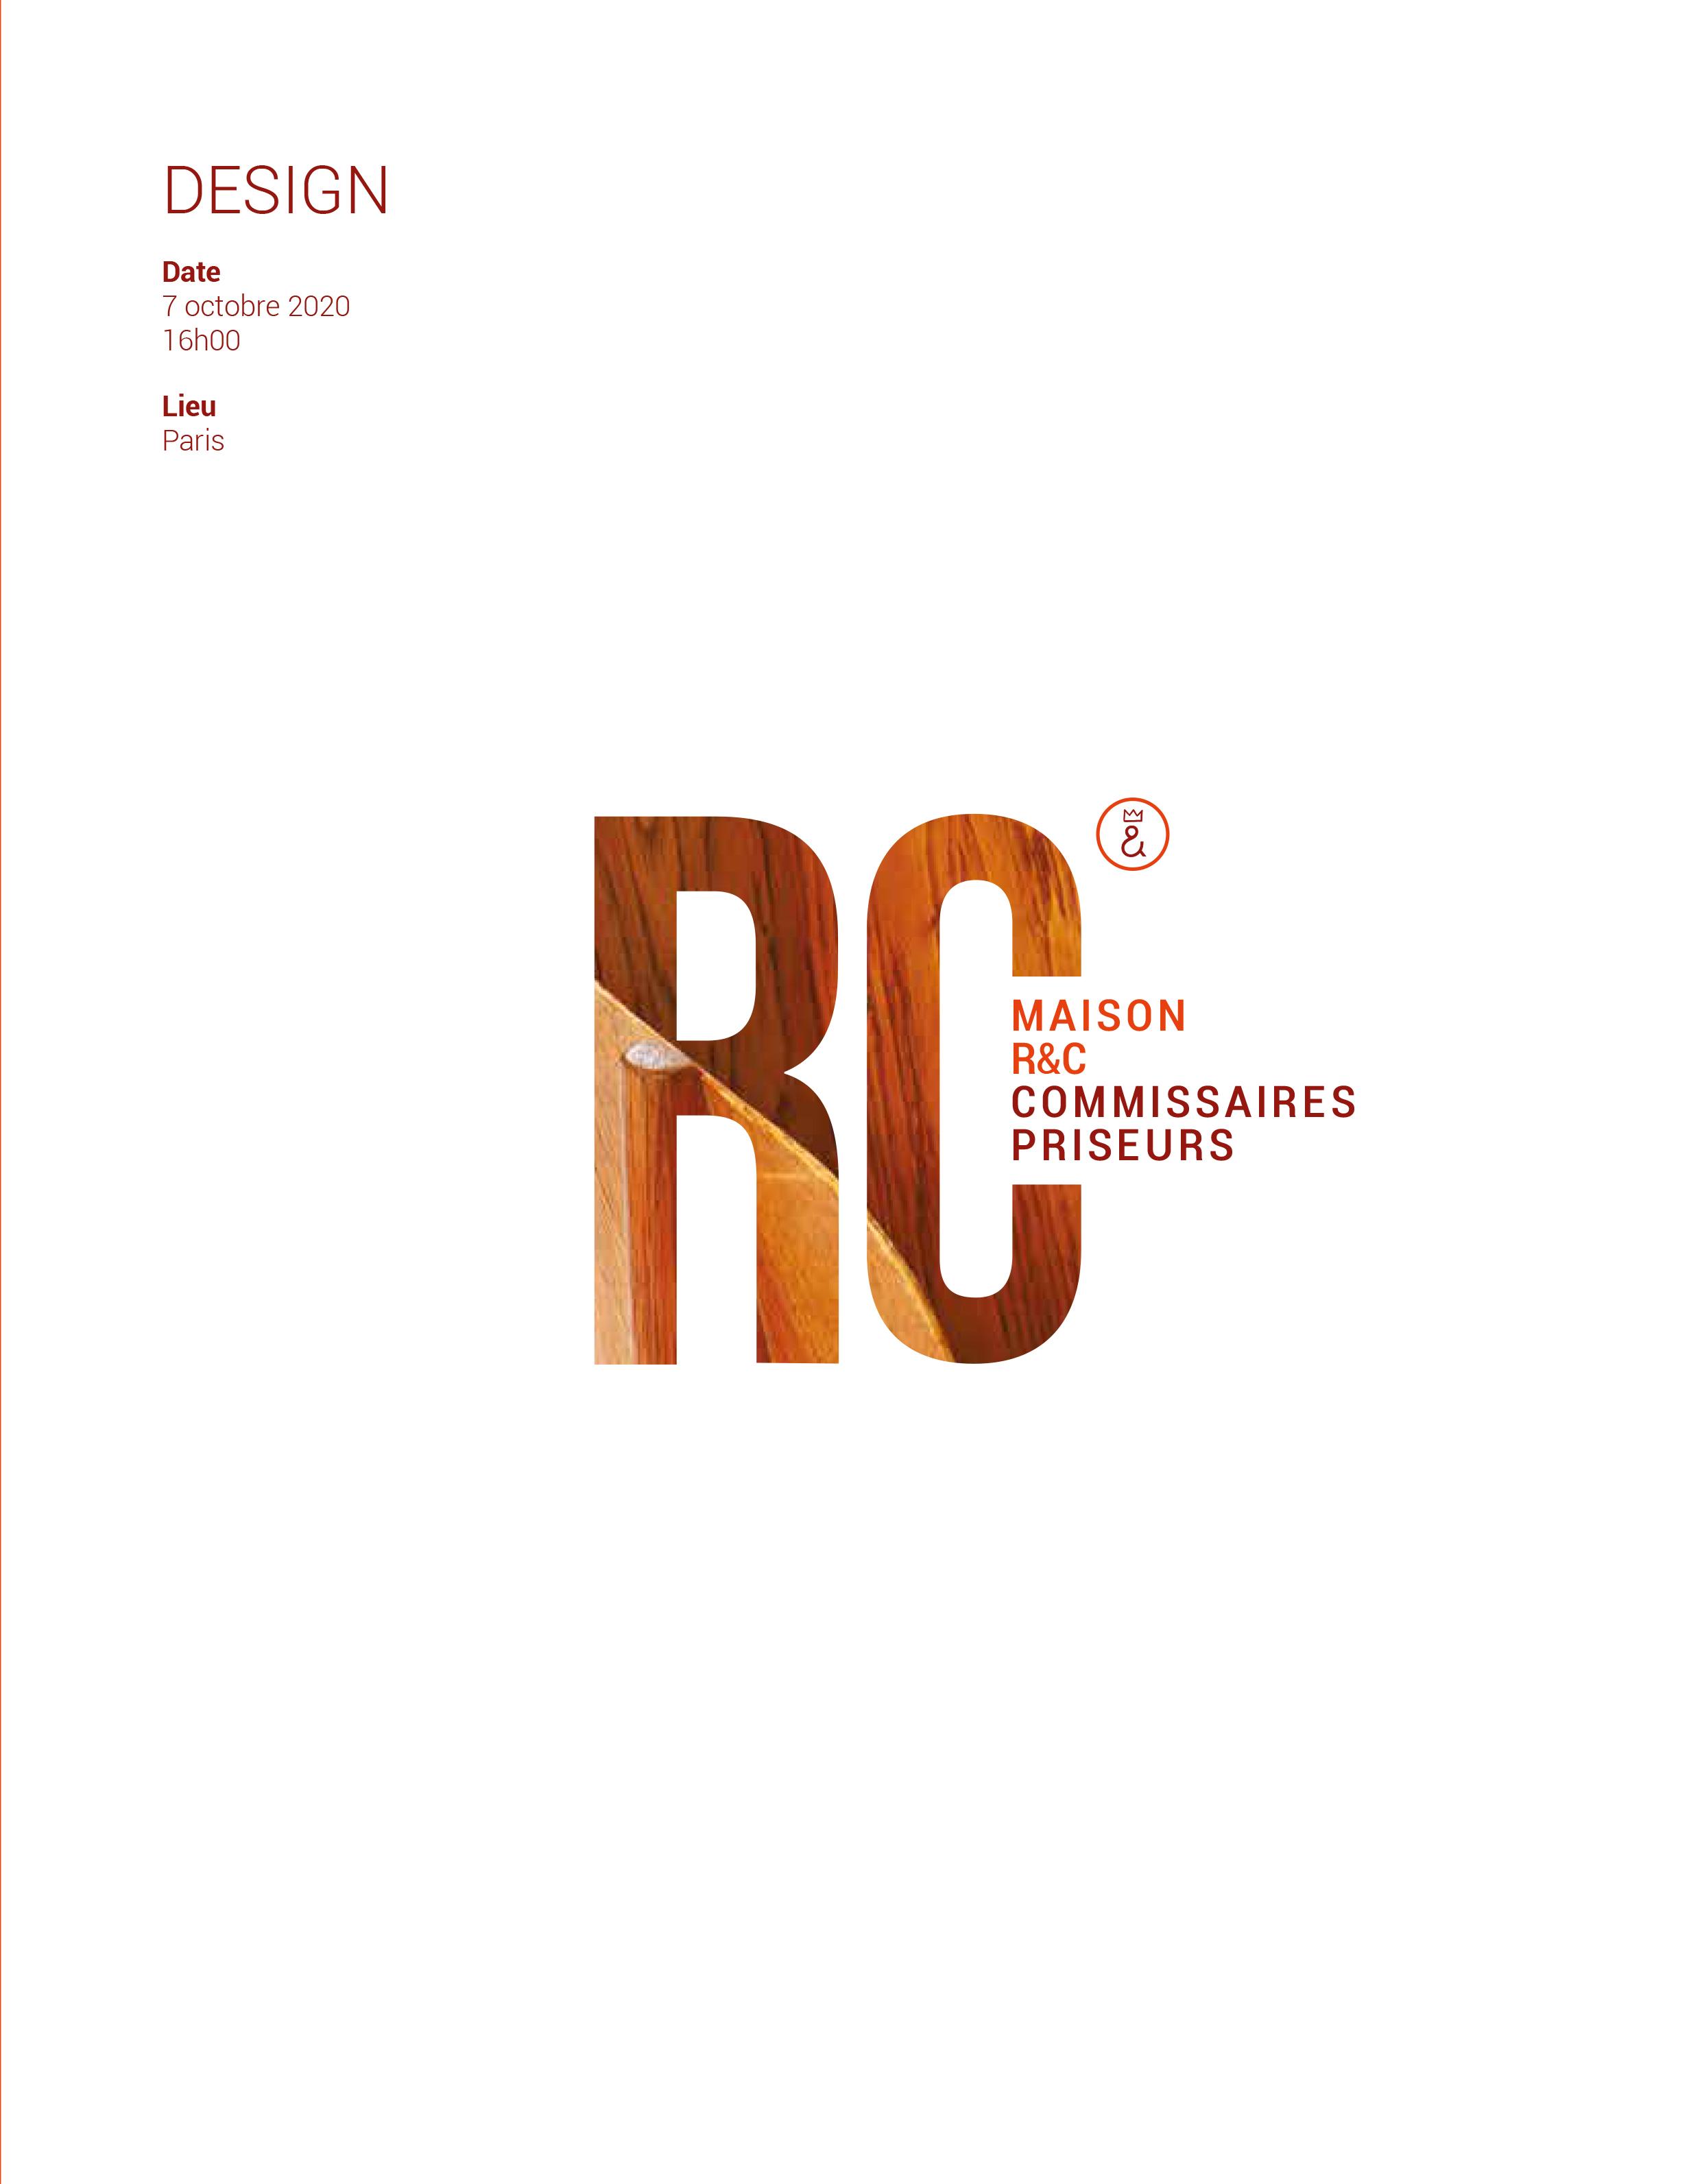 Vente Design chez Maison R&C Commissaires-Priseurs Associés : 197 lots